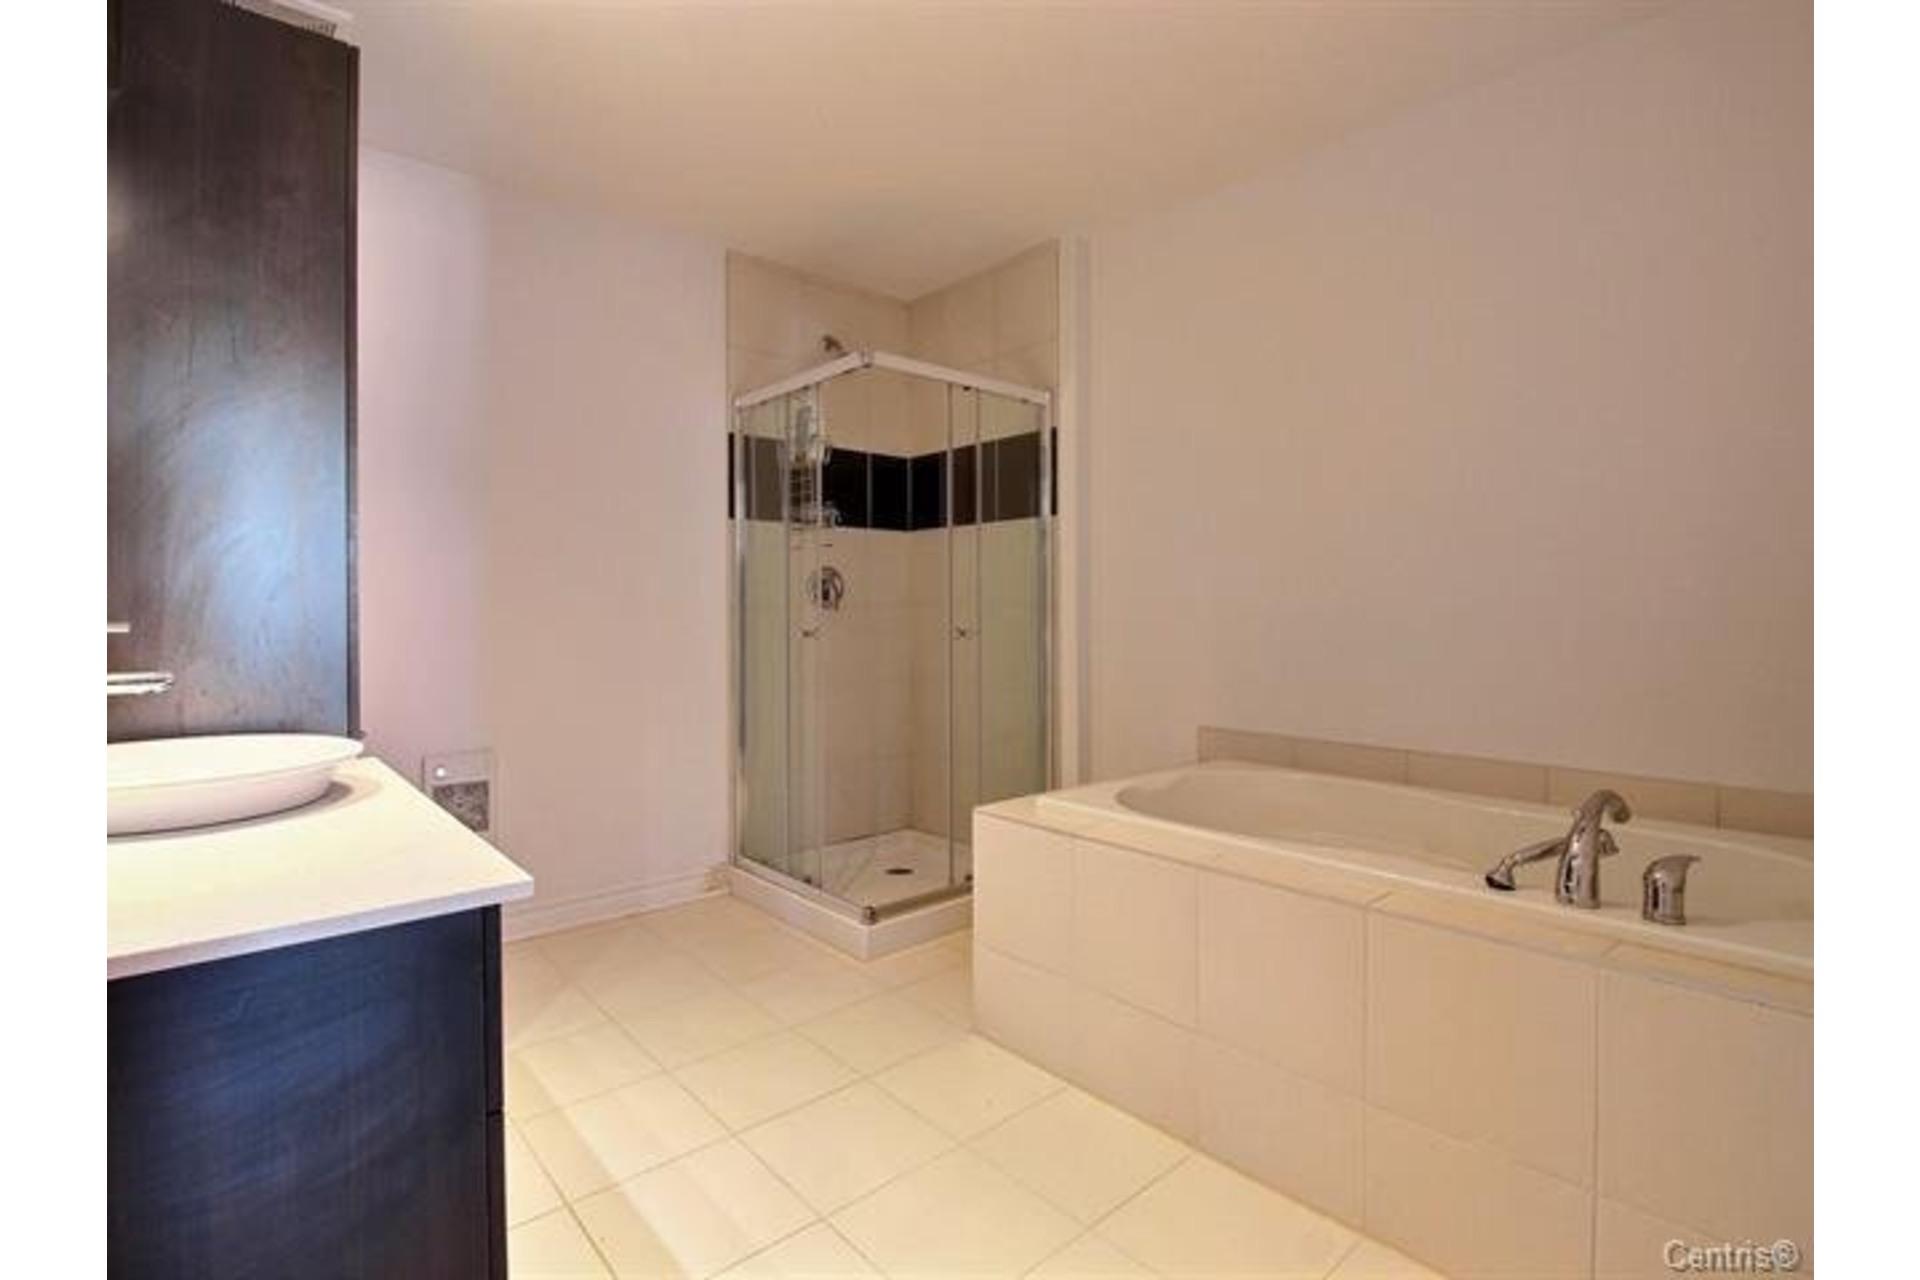 image 10 - Apartment For sale Montréal Pierrefonds-Roxboro  - 7 rooms